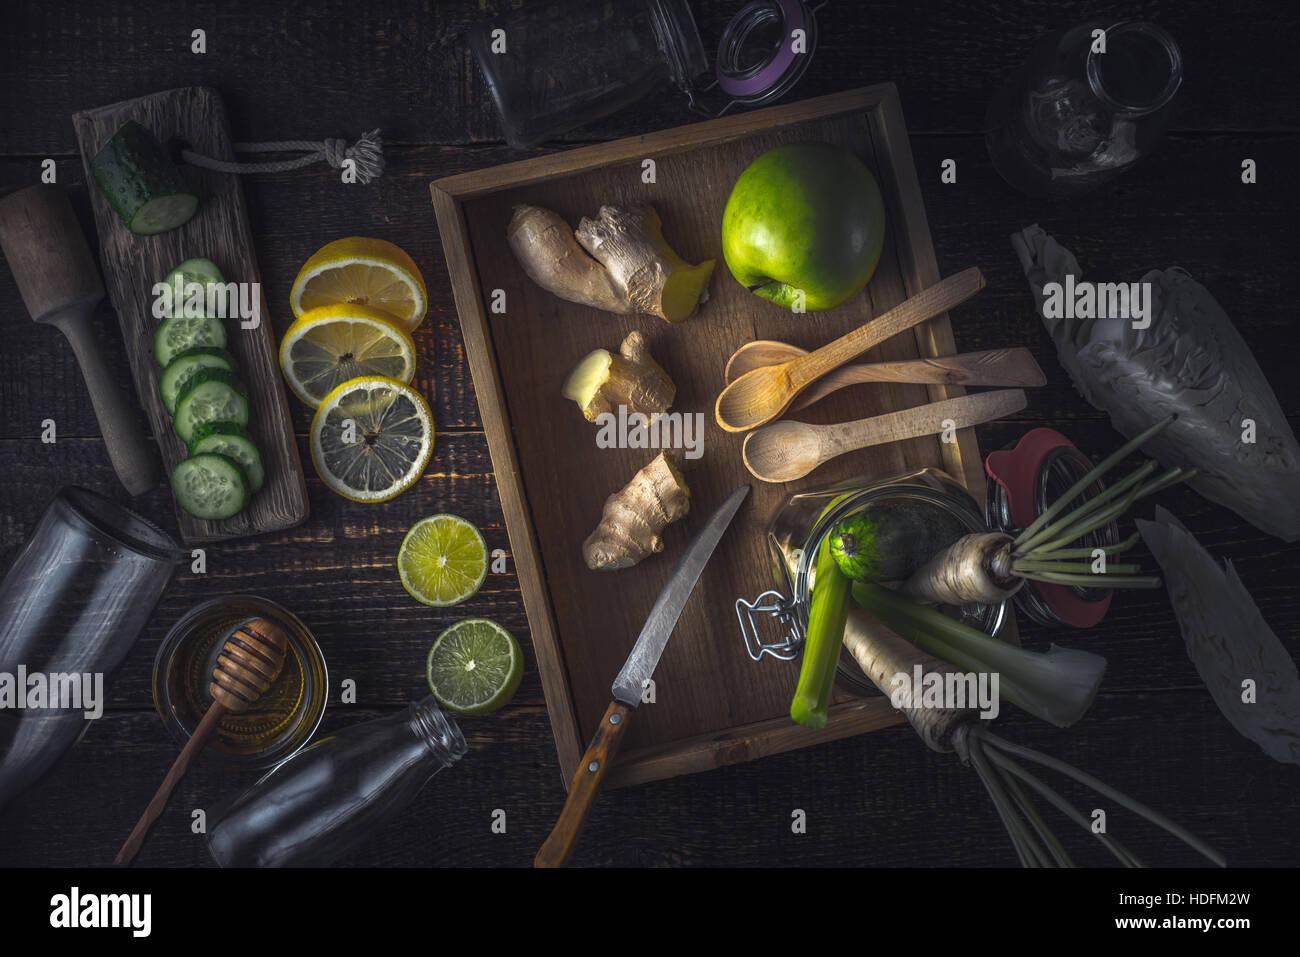 Zutaten für grünen Smoothie auf der hölzernen Tischplatte anzeigen Stockbild